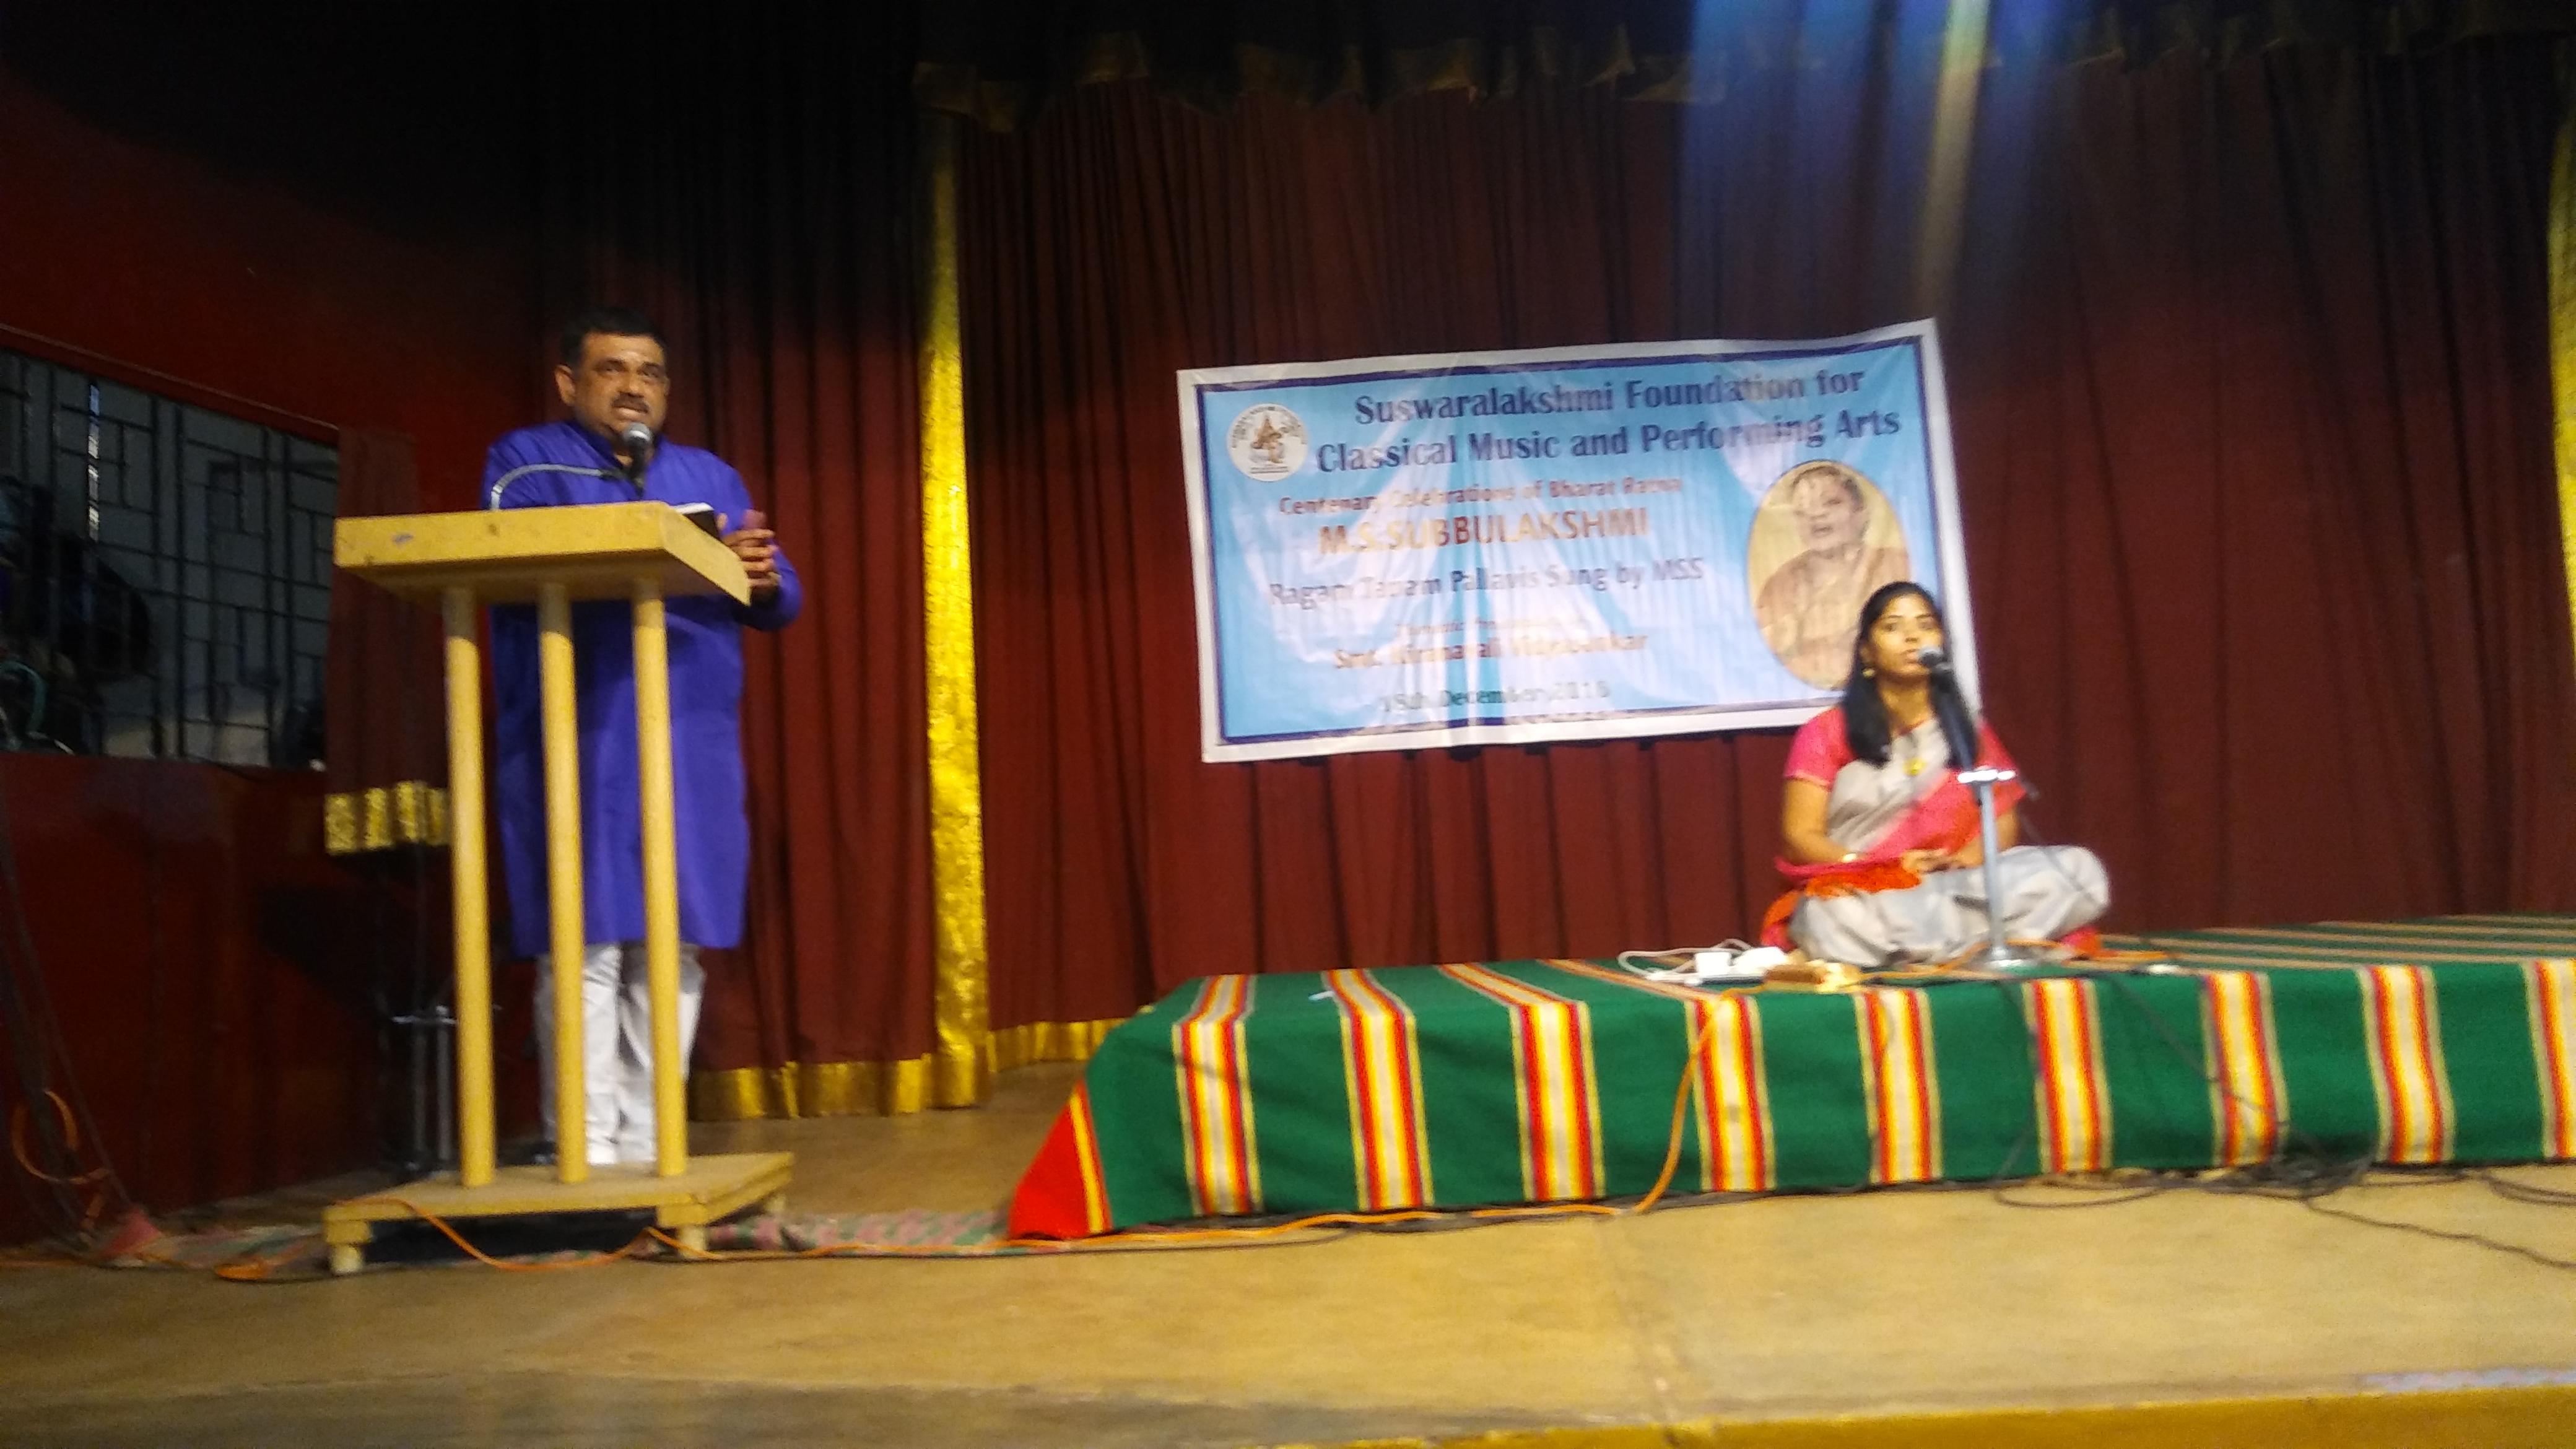 V Shrinivasan @ Raga Sudha hall